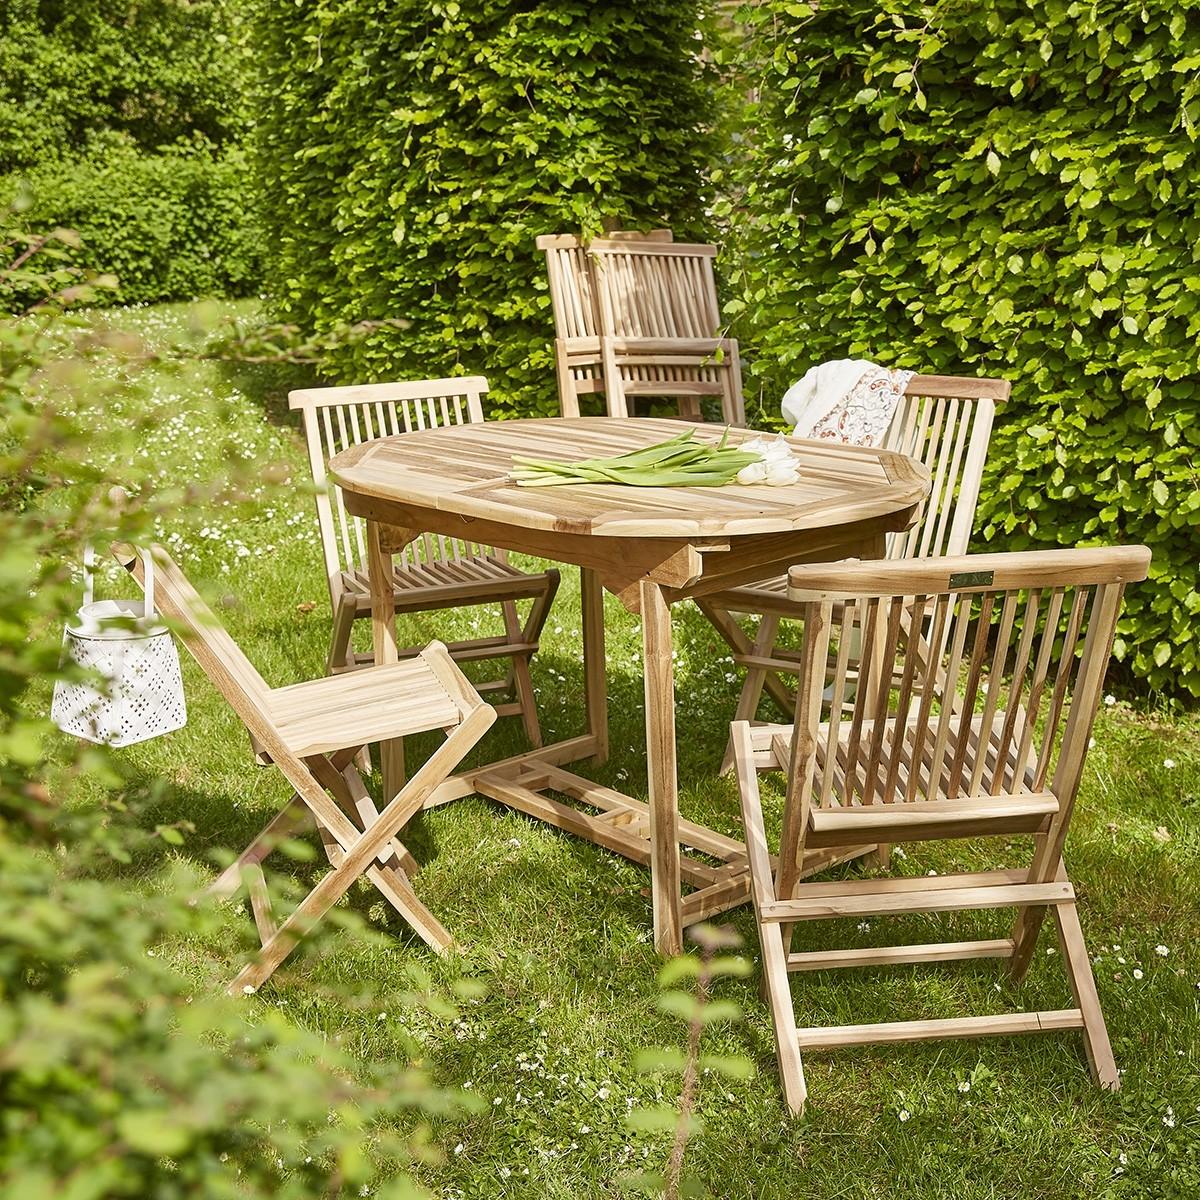 Salon de jardin en teck brut 6 places | Bois Dessus Bois Dessous